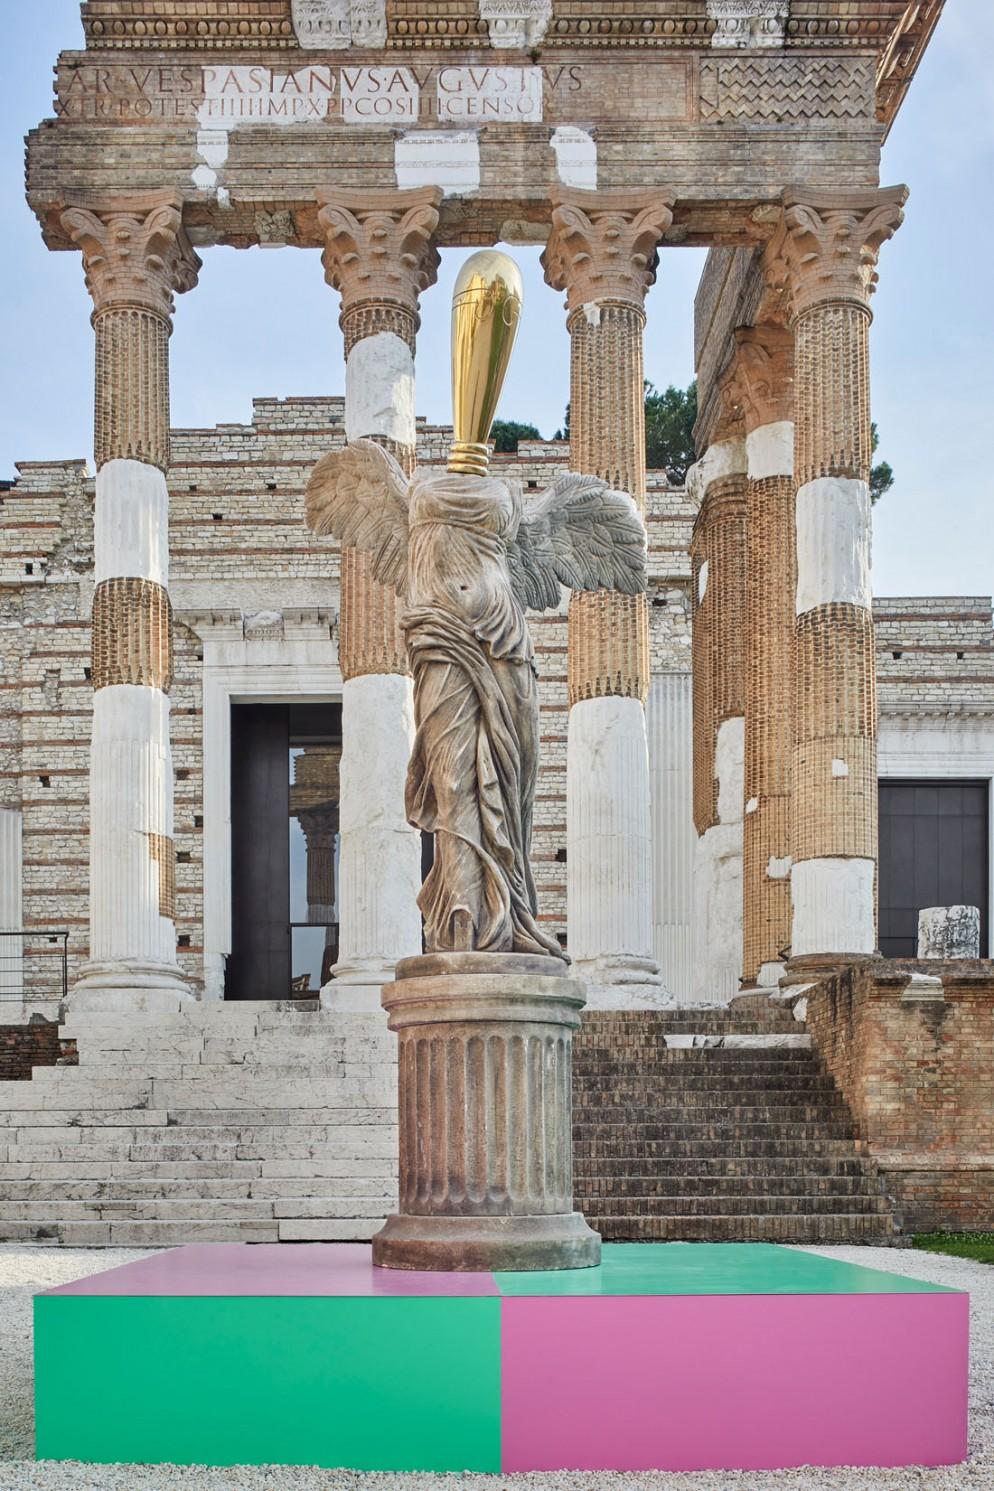 brescia-mostra-palcoscenici-archeologici-francesco-vezzoli- 13